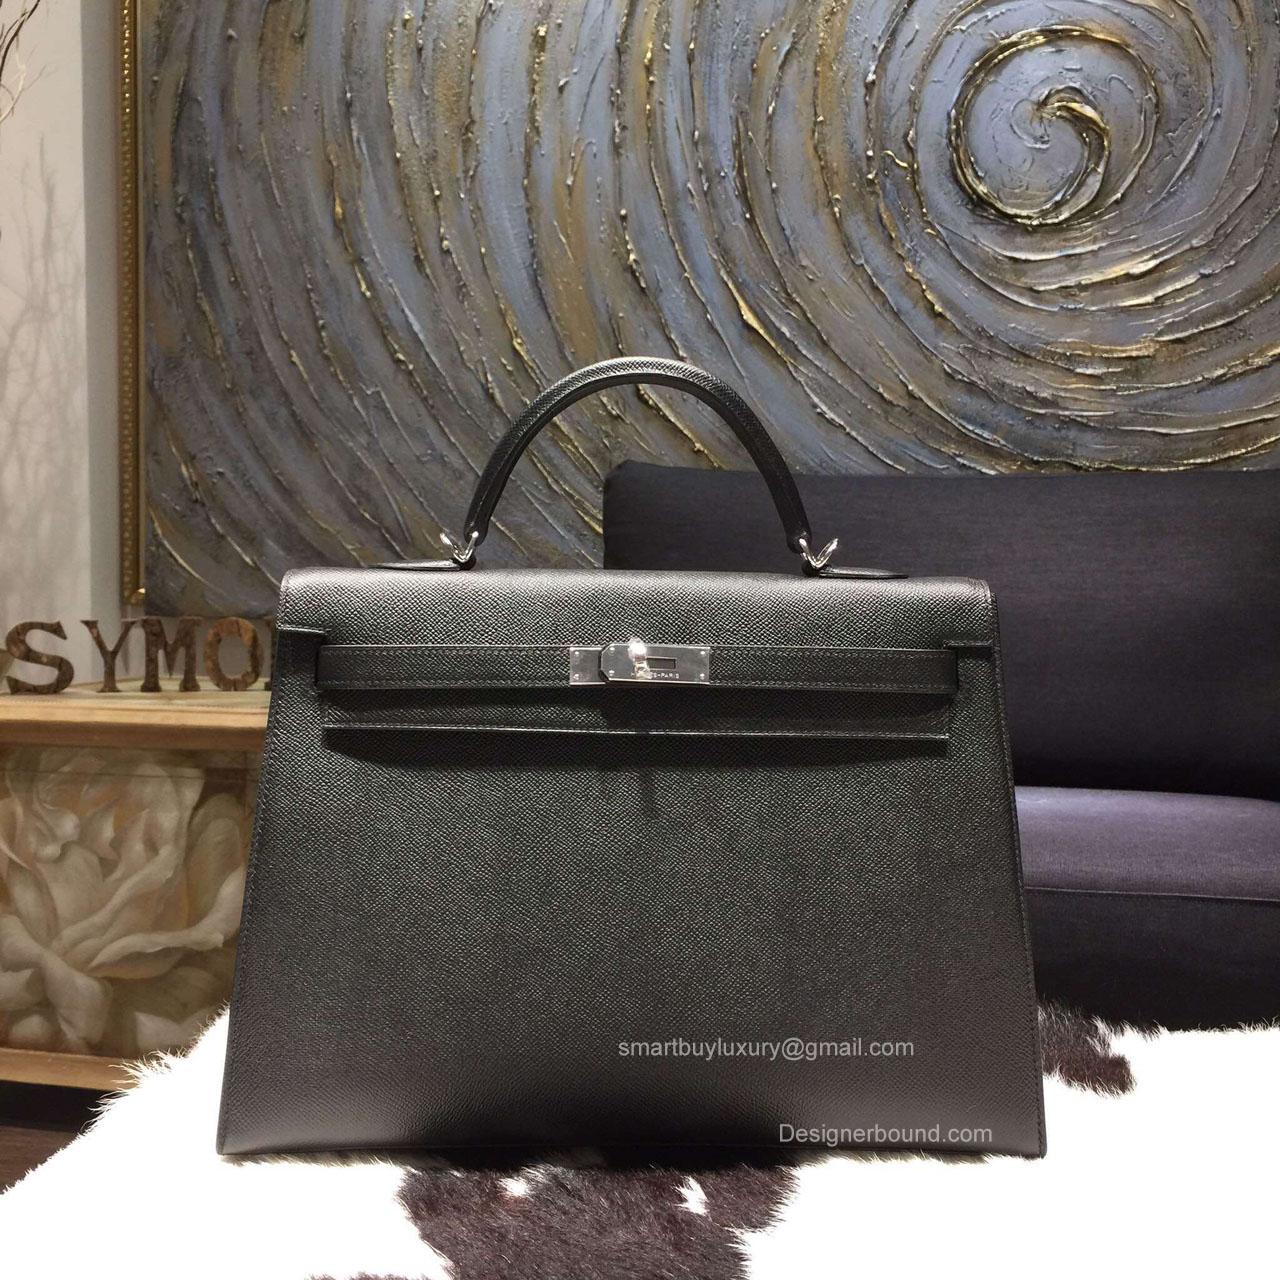 bde8a65f9a86 Hermes Kelly 35 Bag Black Epsom Leather Handstitched Silver hw -